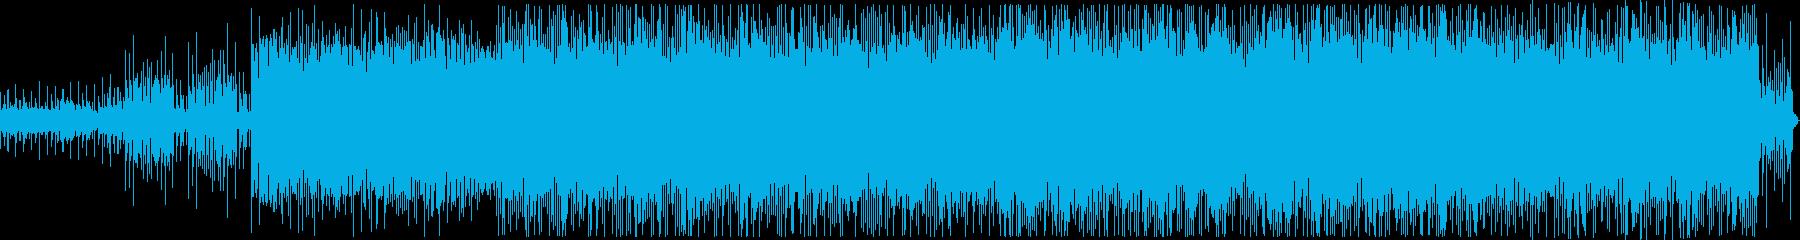 エレクトロ 交響曲 バトル せっか...の再生済みの波形